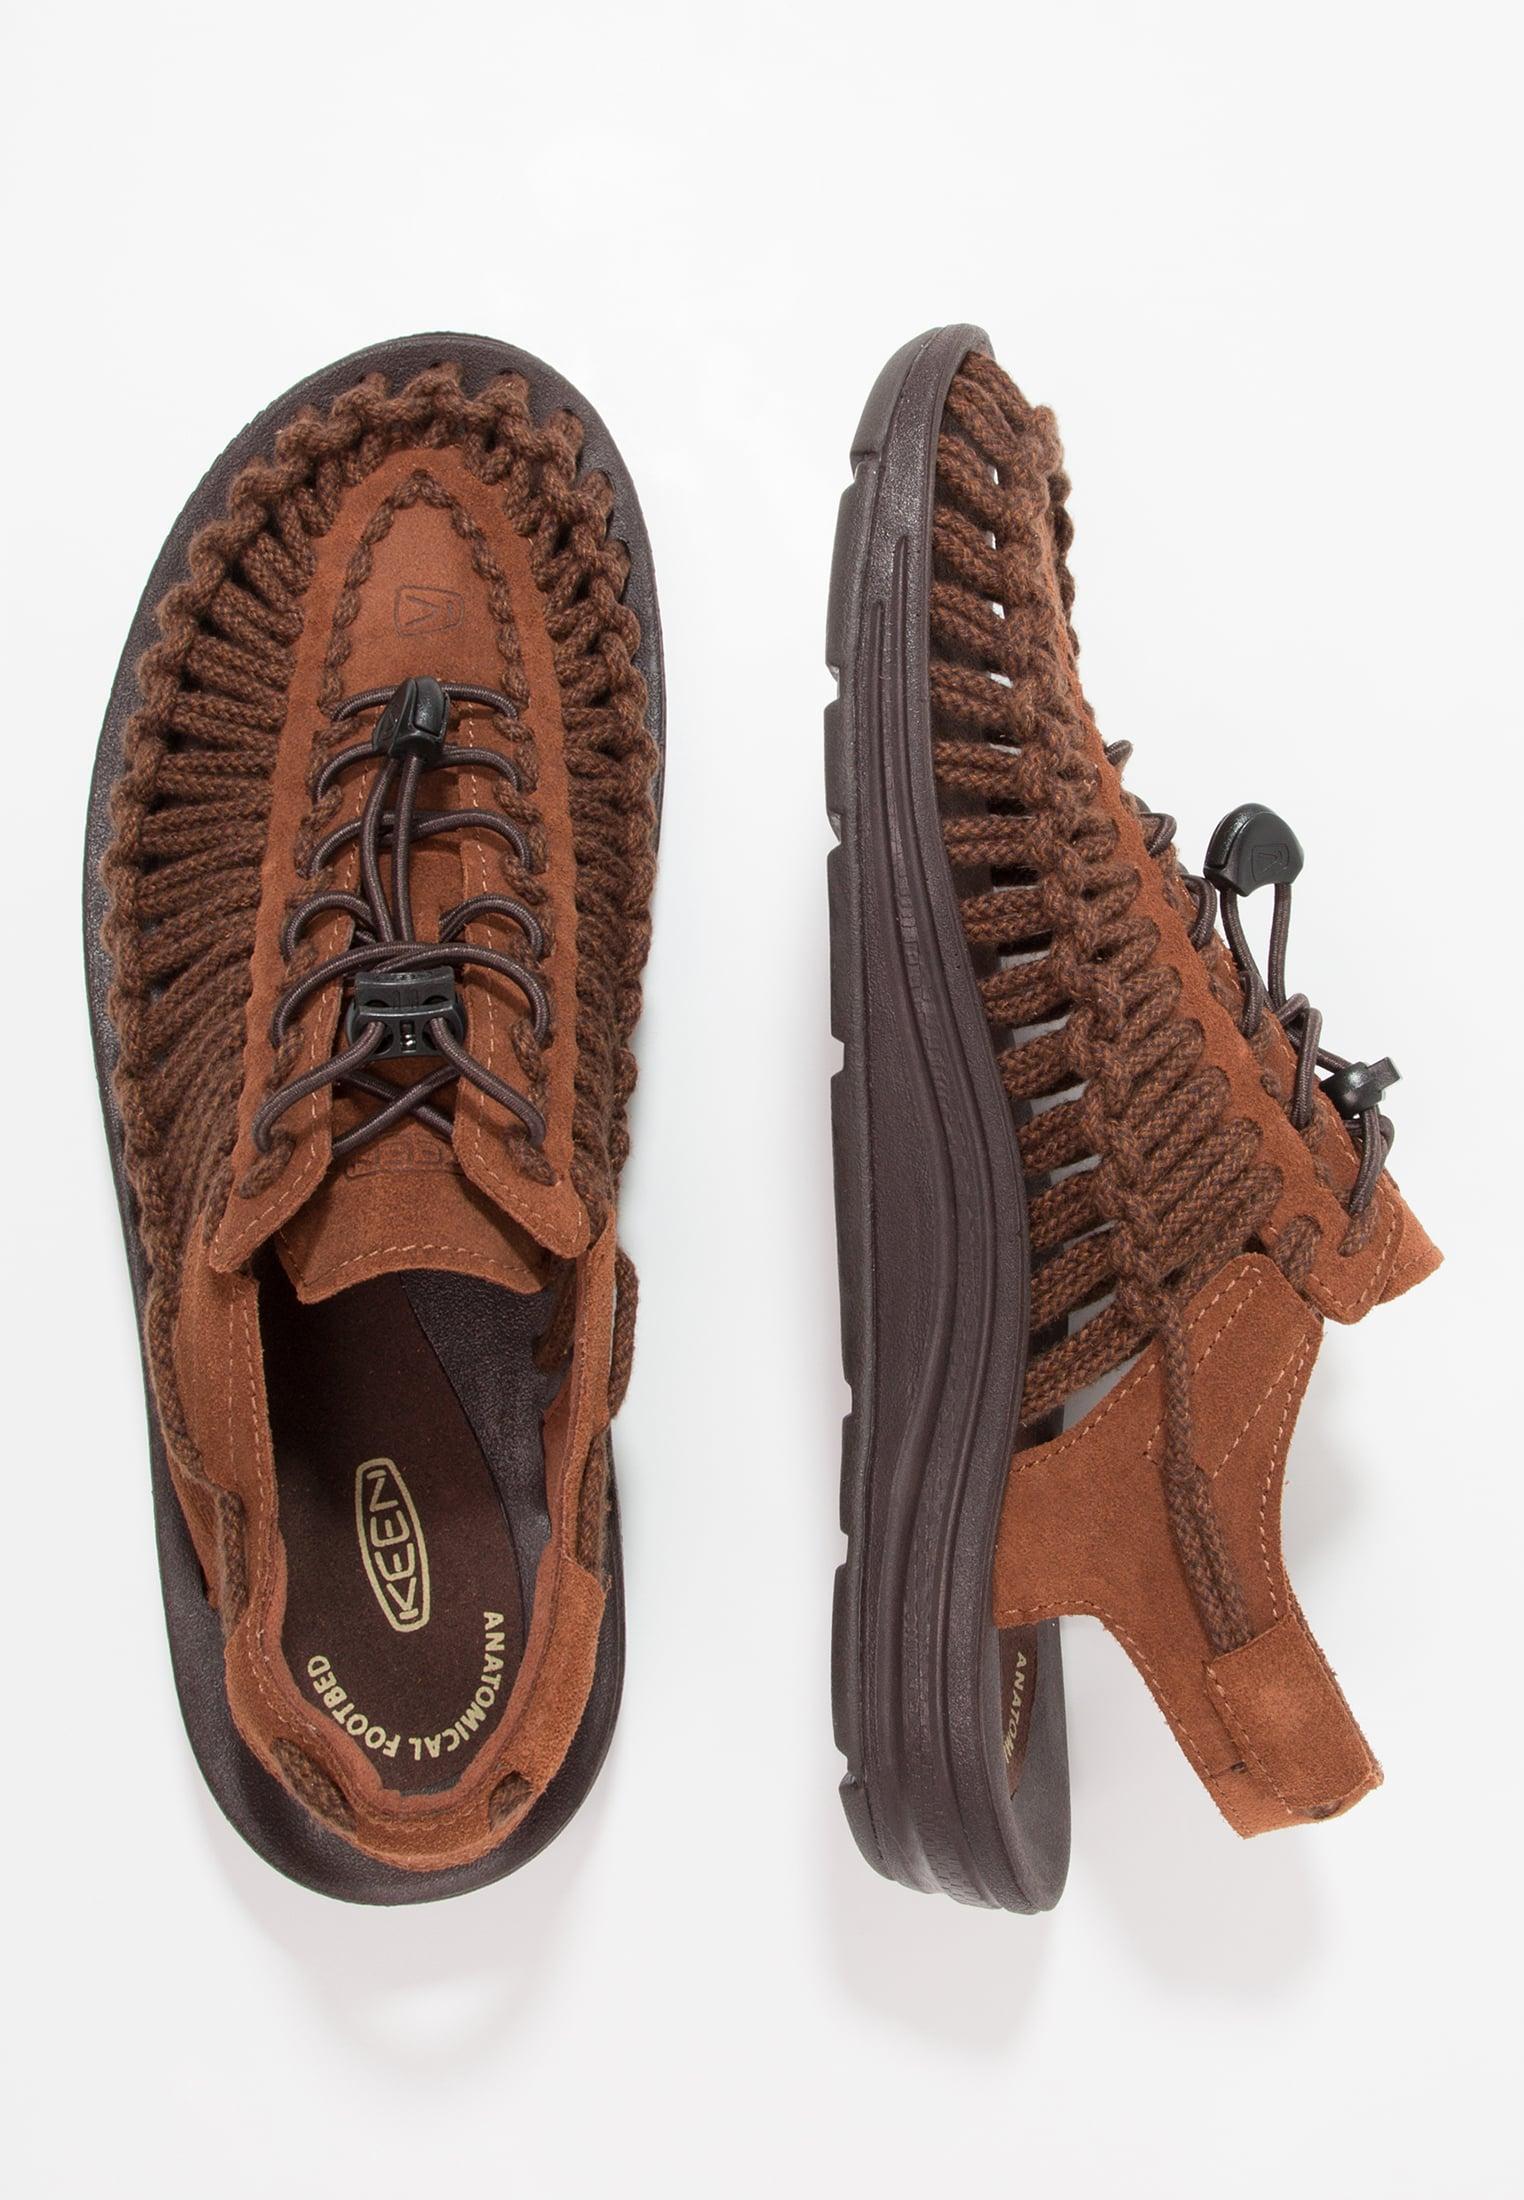 Keen UNEEK Walking sandals £38.25 delivered - Zalando